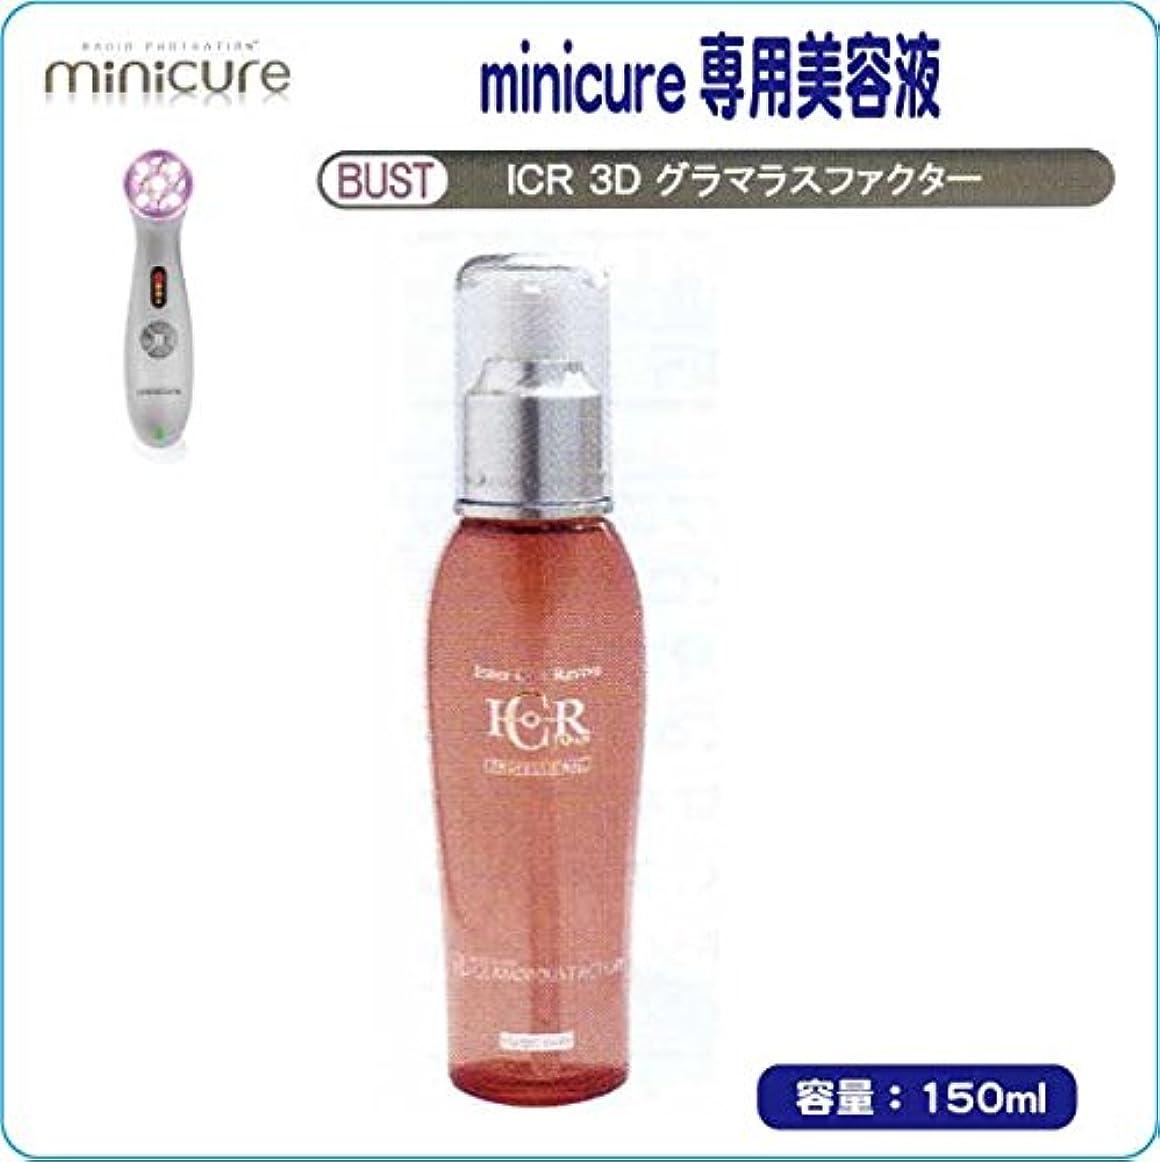 誤弱点構成する【minicure専用美容液シリーズ】  【BUST】ICR 3D グラマラスファクター  150ml